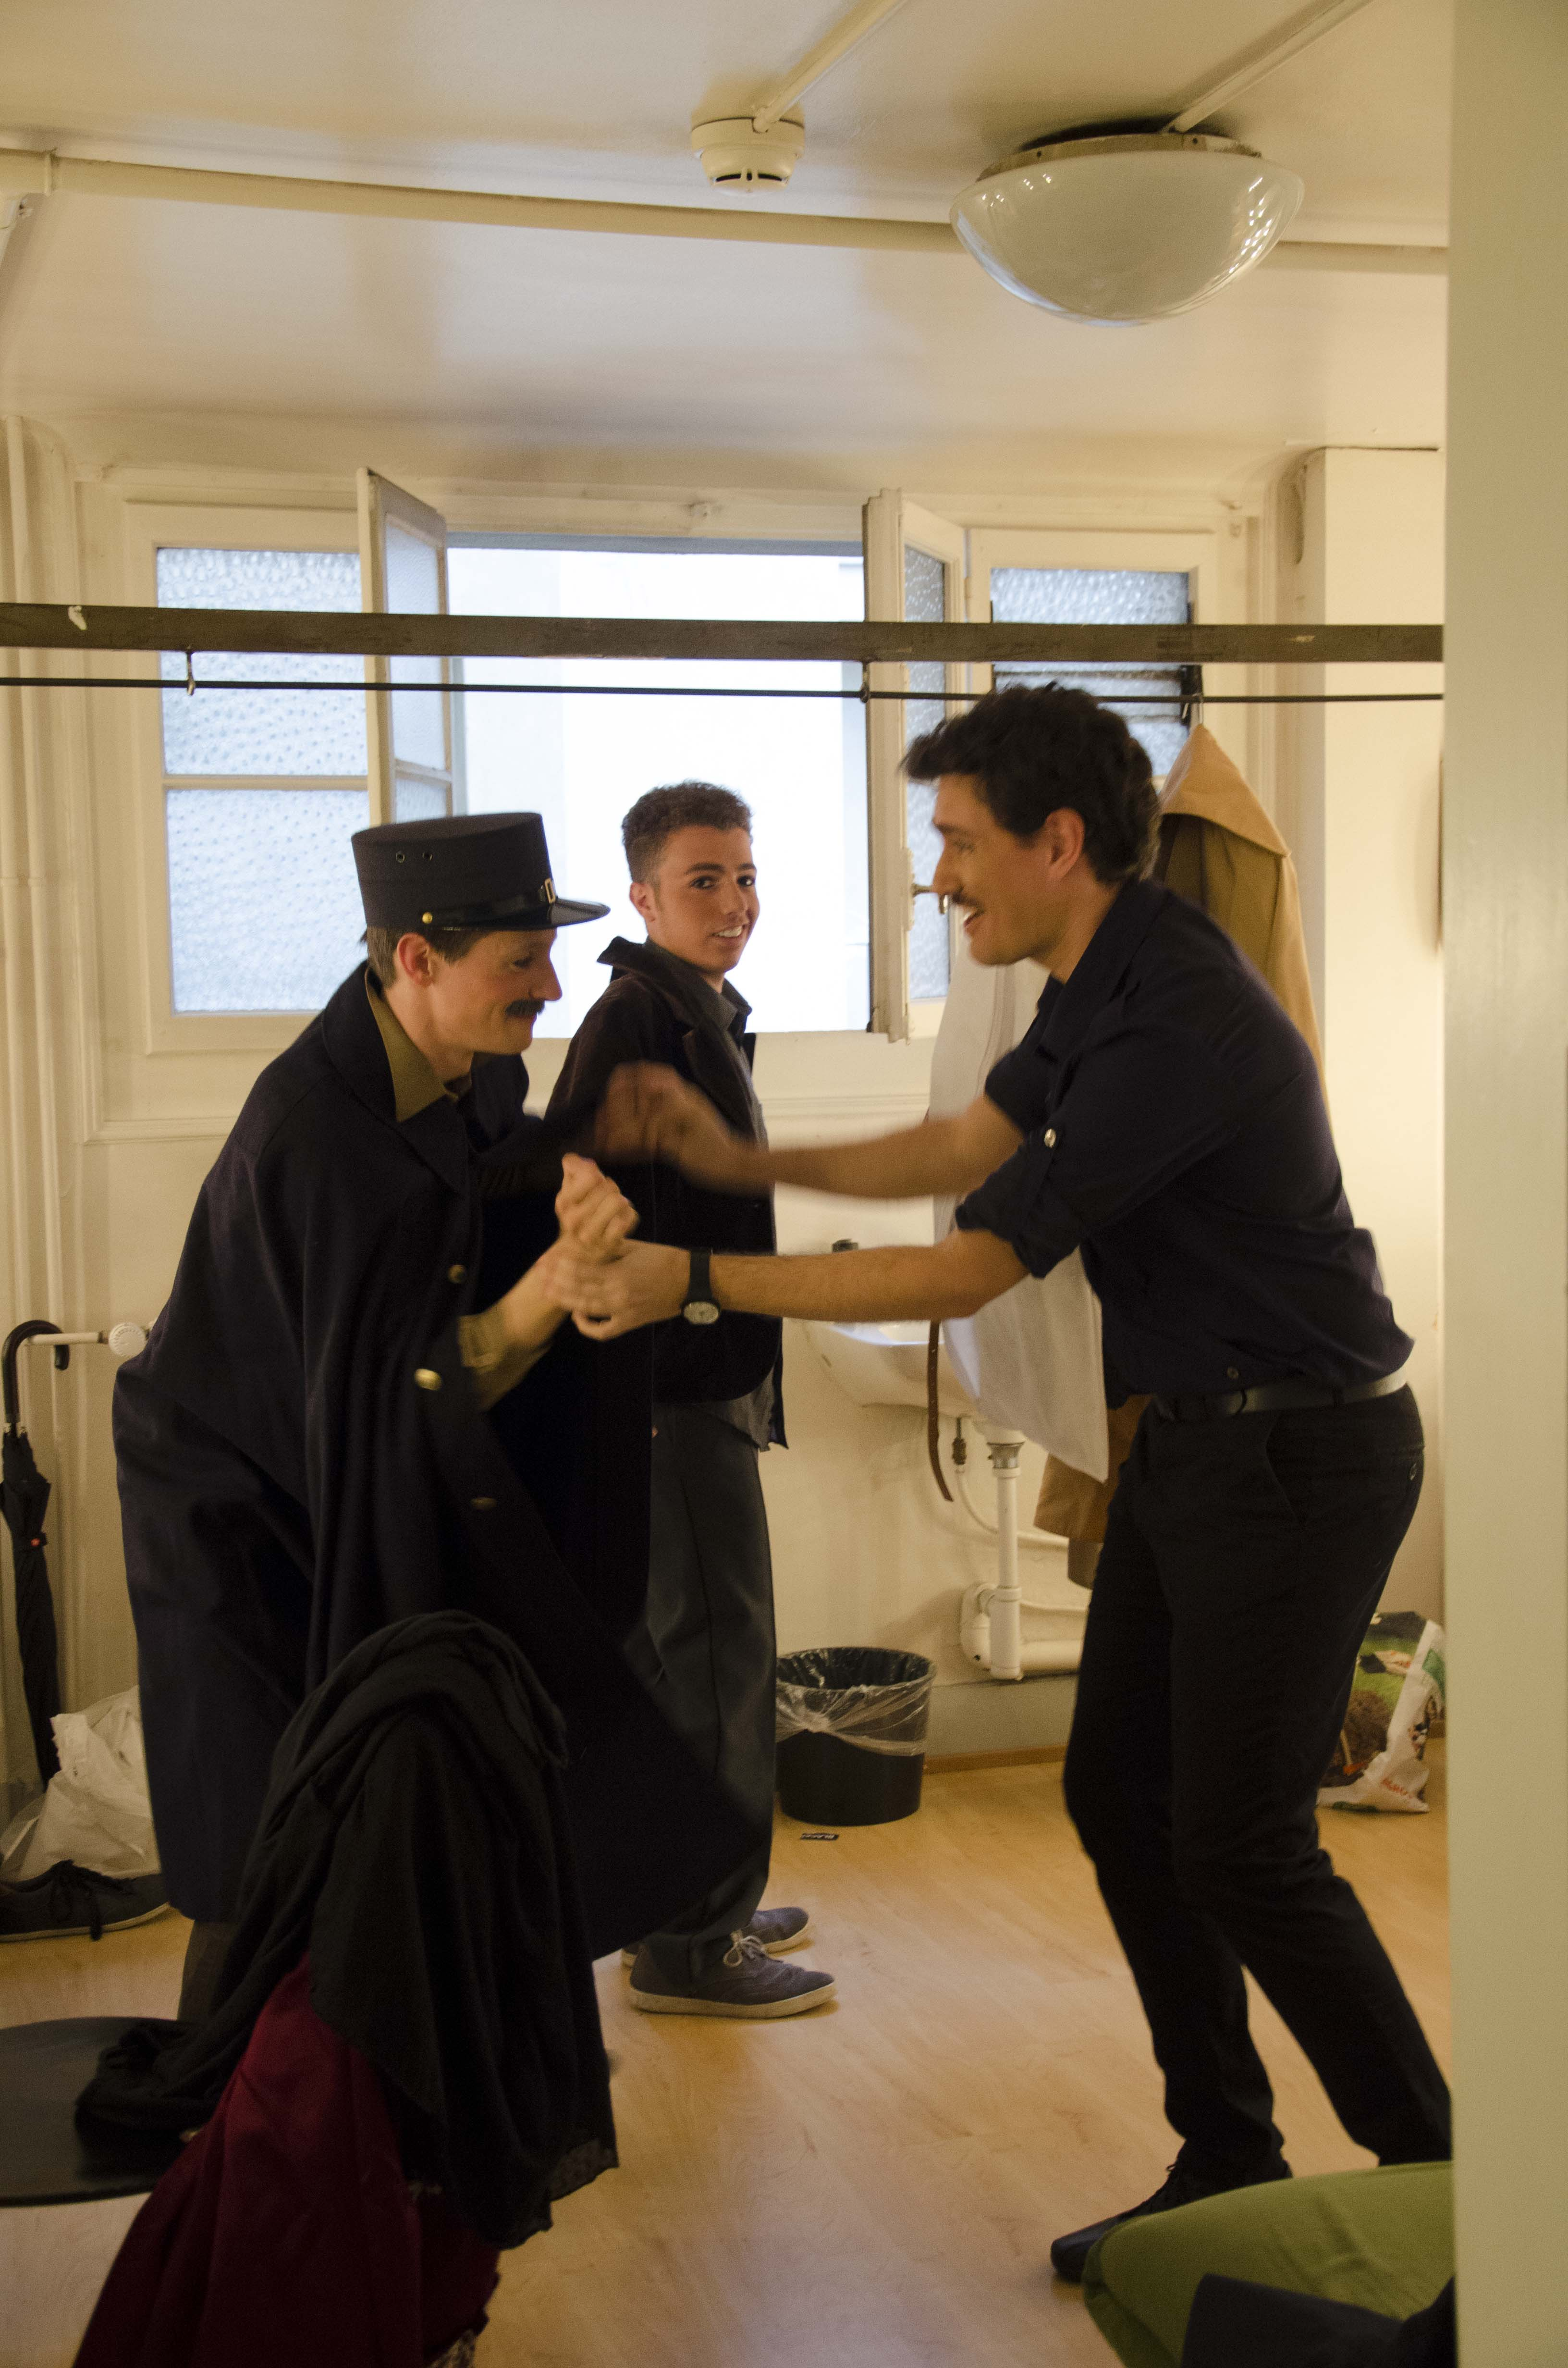 Les étudiants de l'atelier d'italien se détendent avant d'entrer sur scène